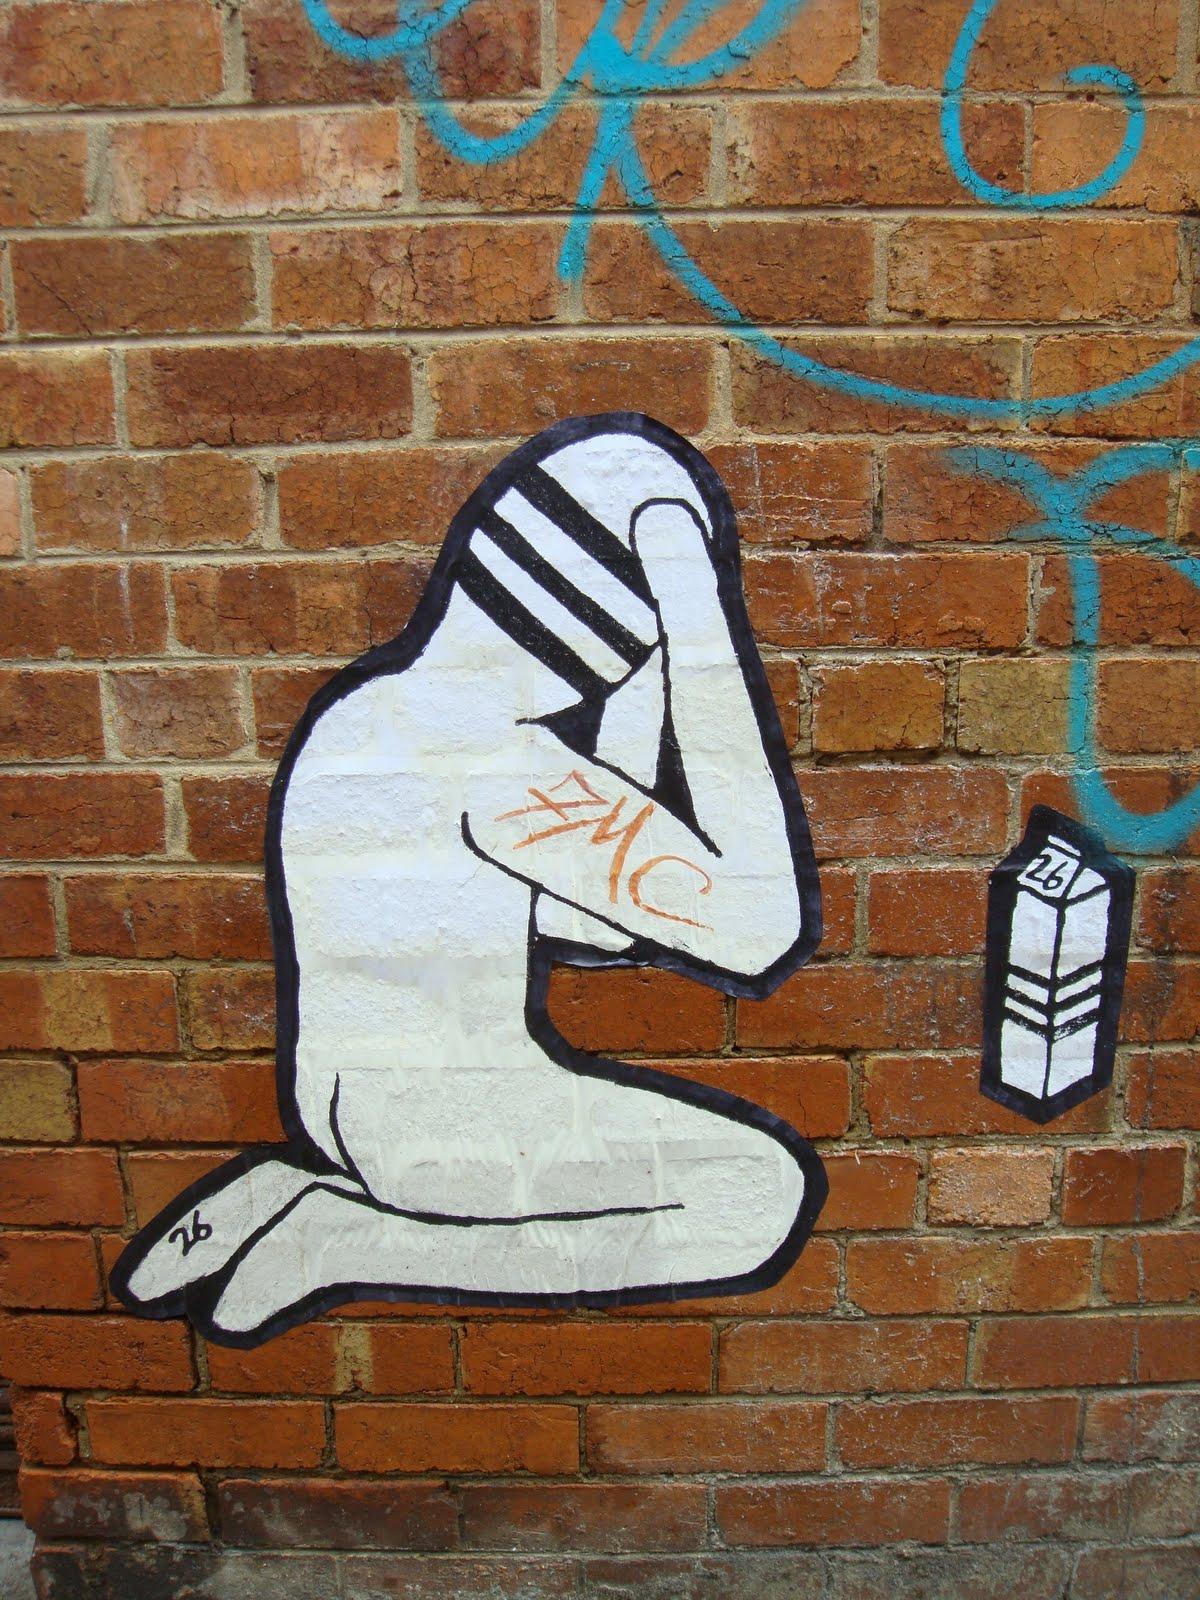 land of sunshine: paste ups too Melbourne 2010